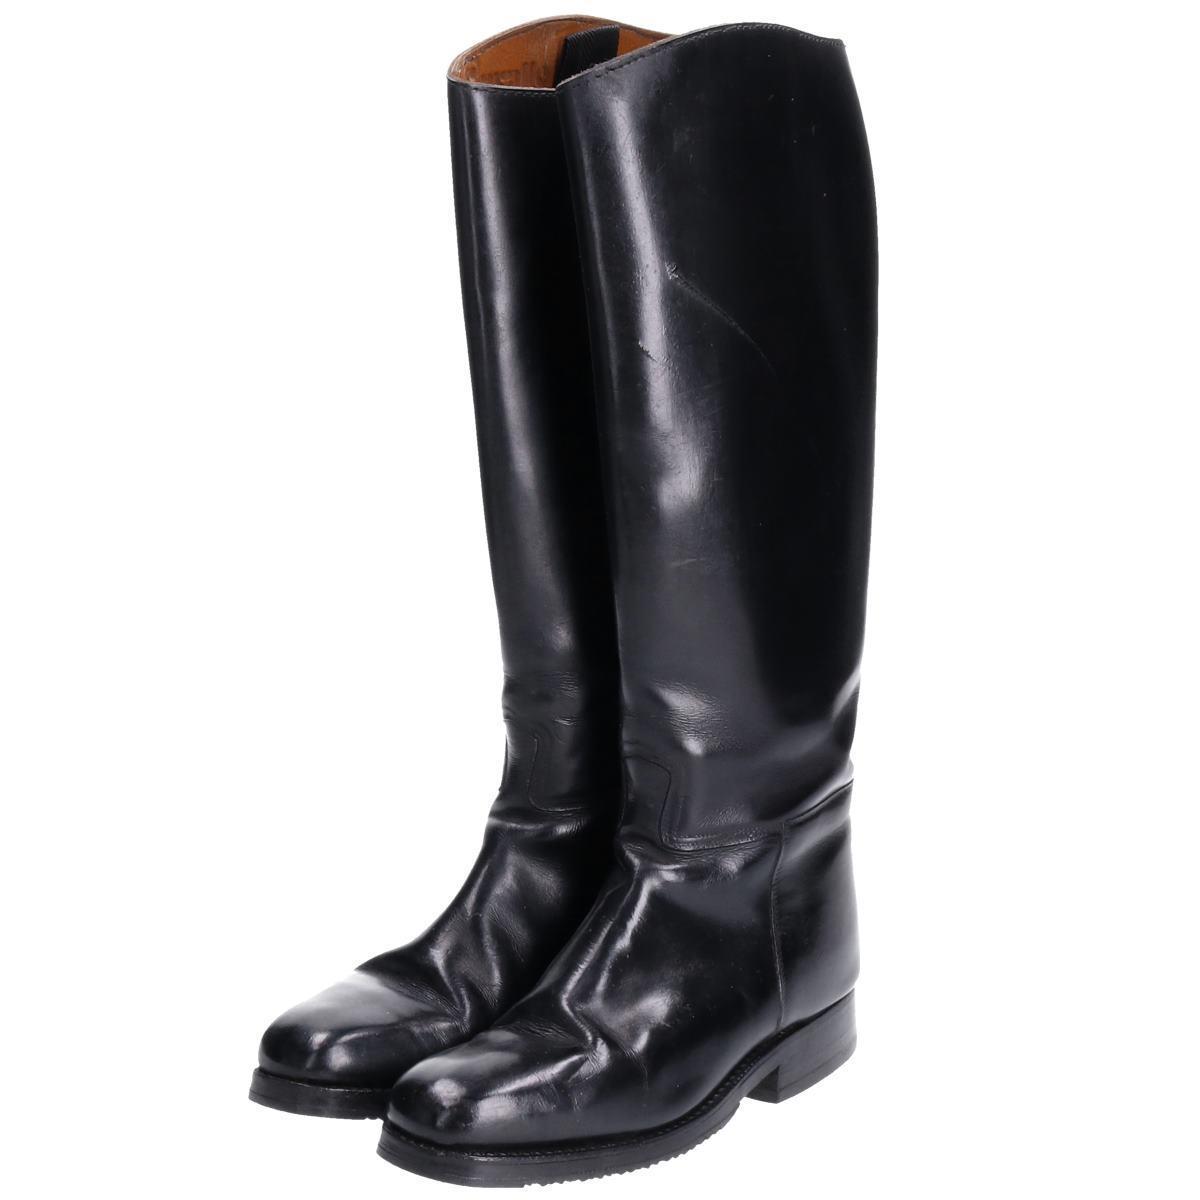 カバロ Cavallo ジョッキー乗馬ブーツ 4.5 レディース23.5cm /boq4150 【中古】 【190927】